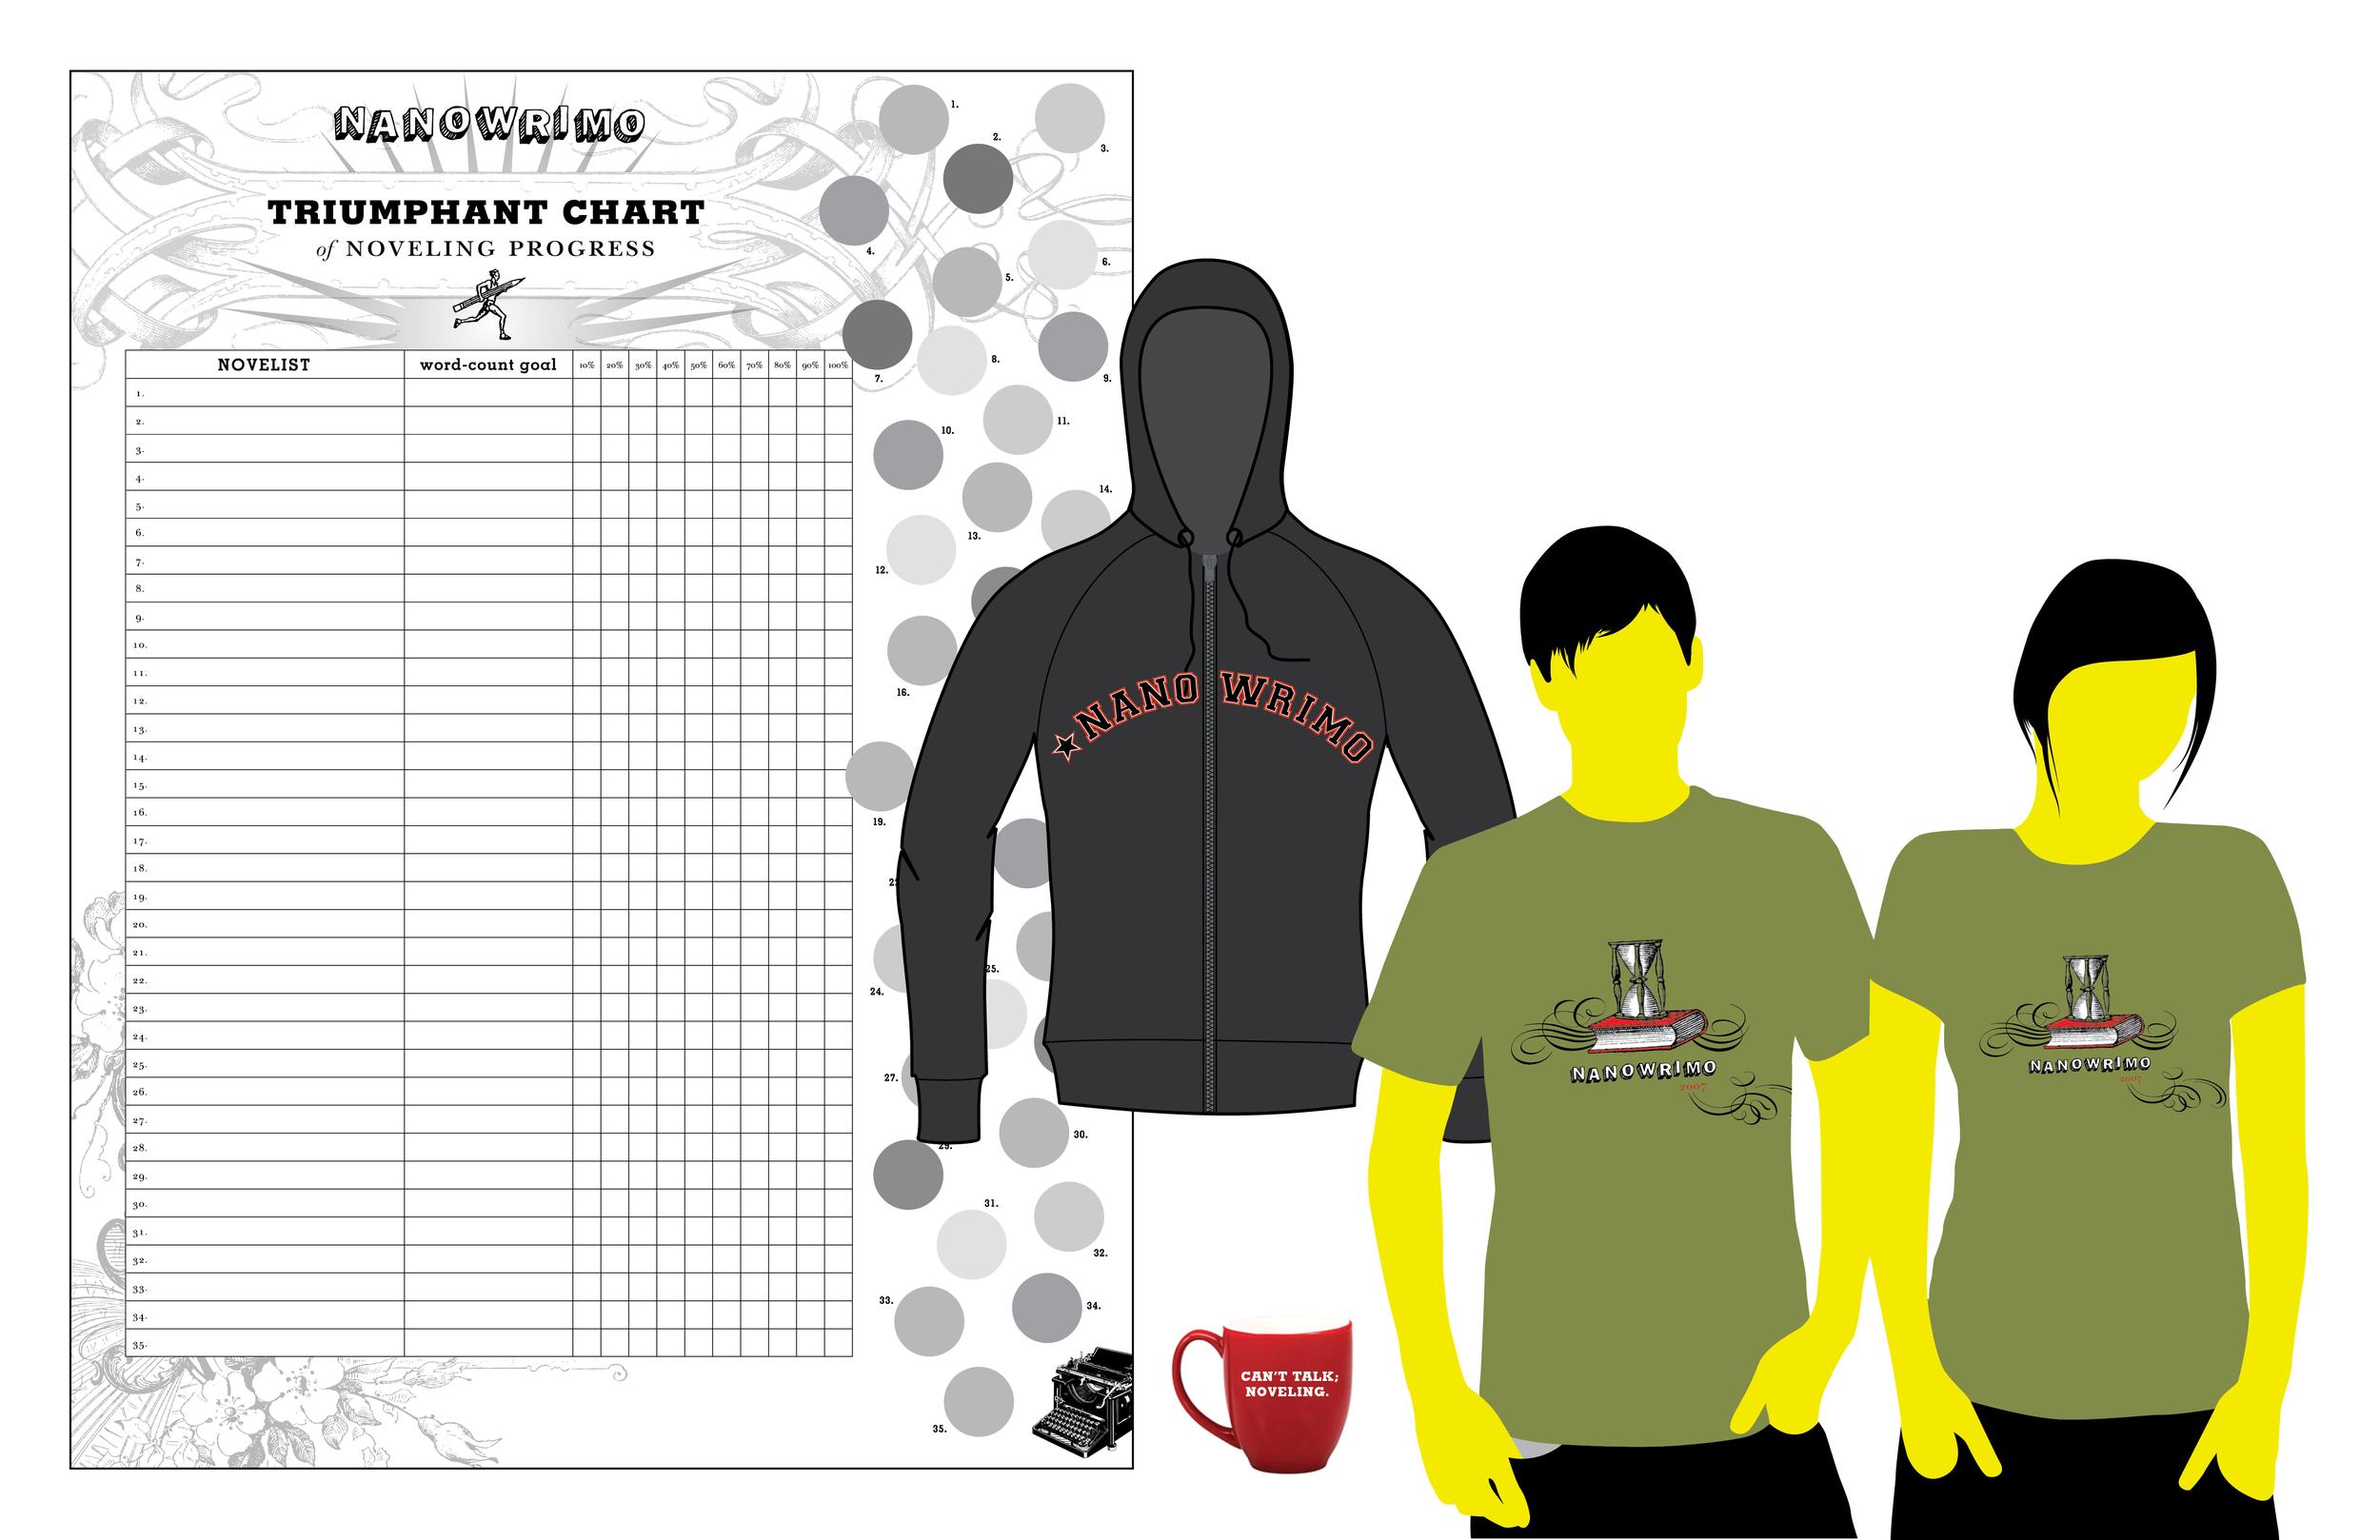 nano_shirts_chart-layout.jpg